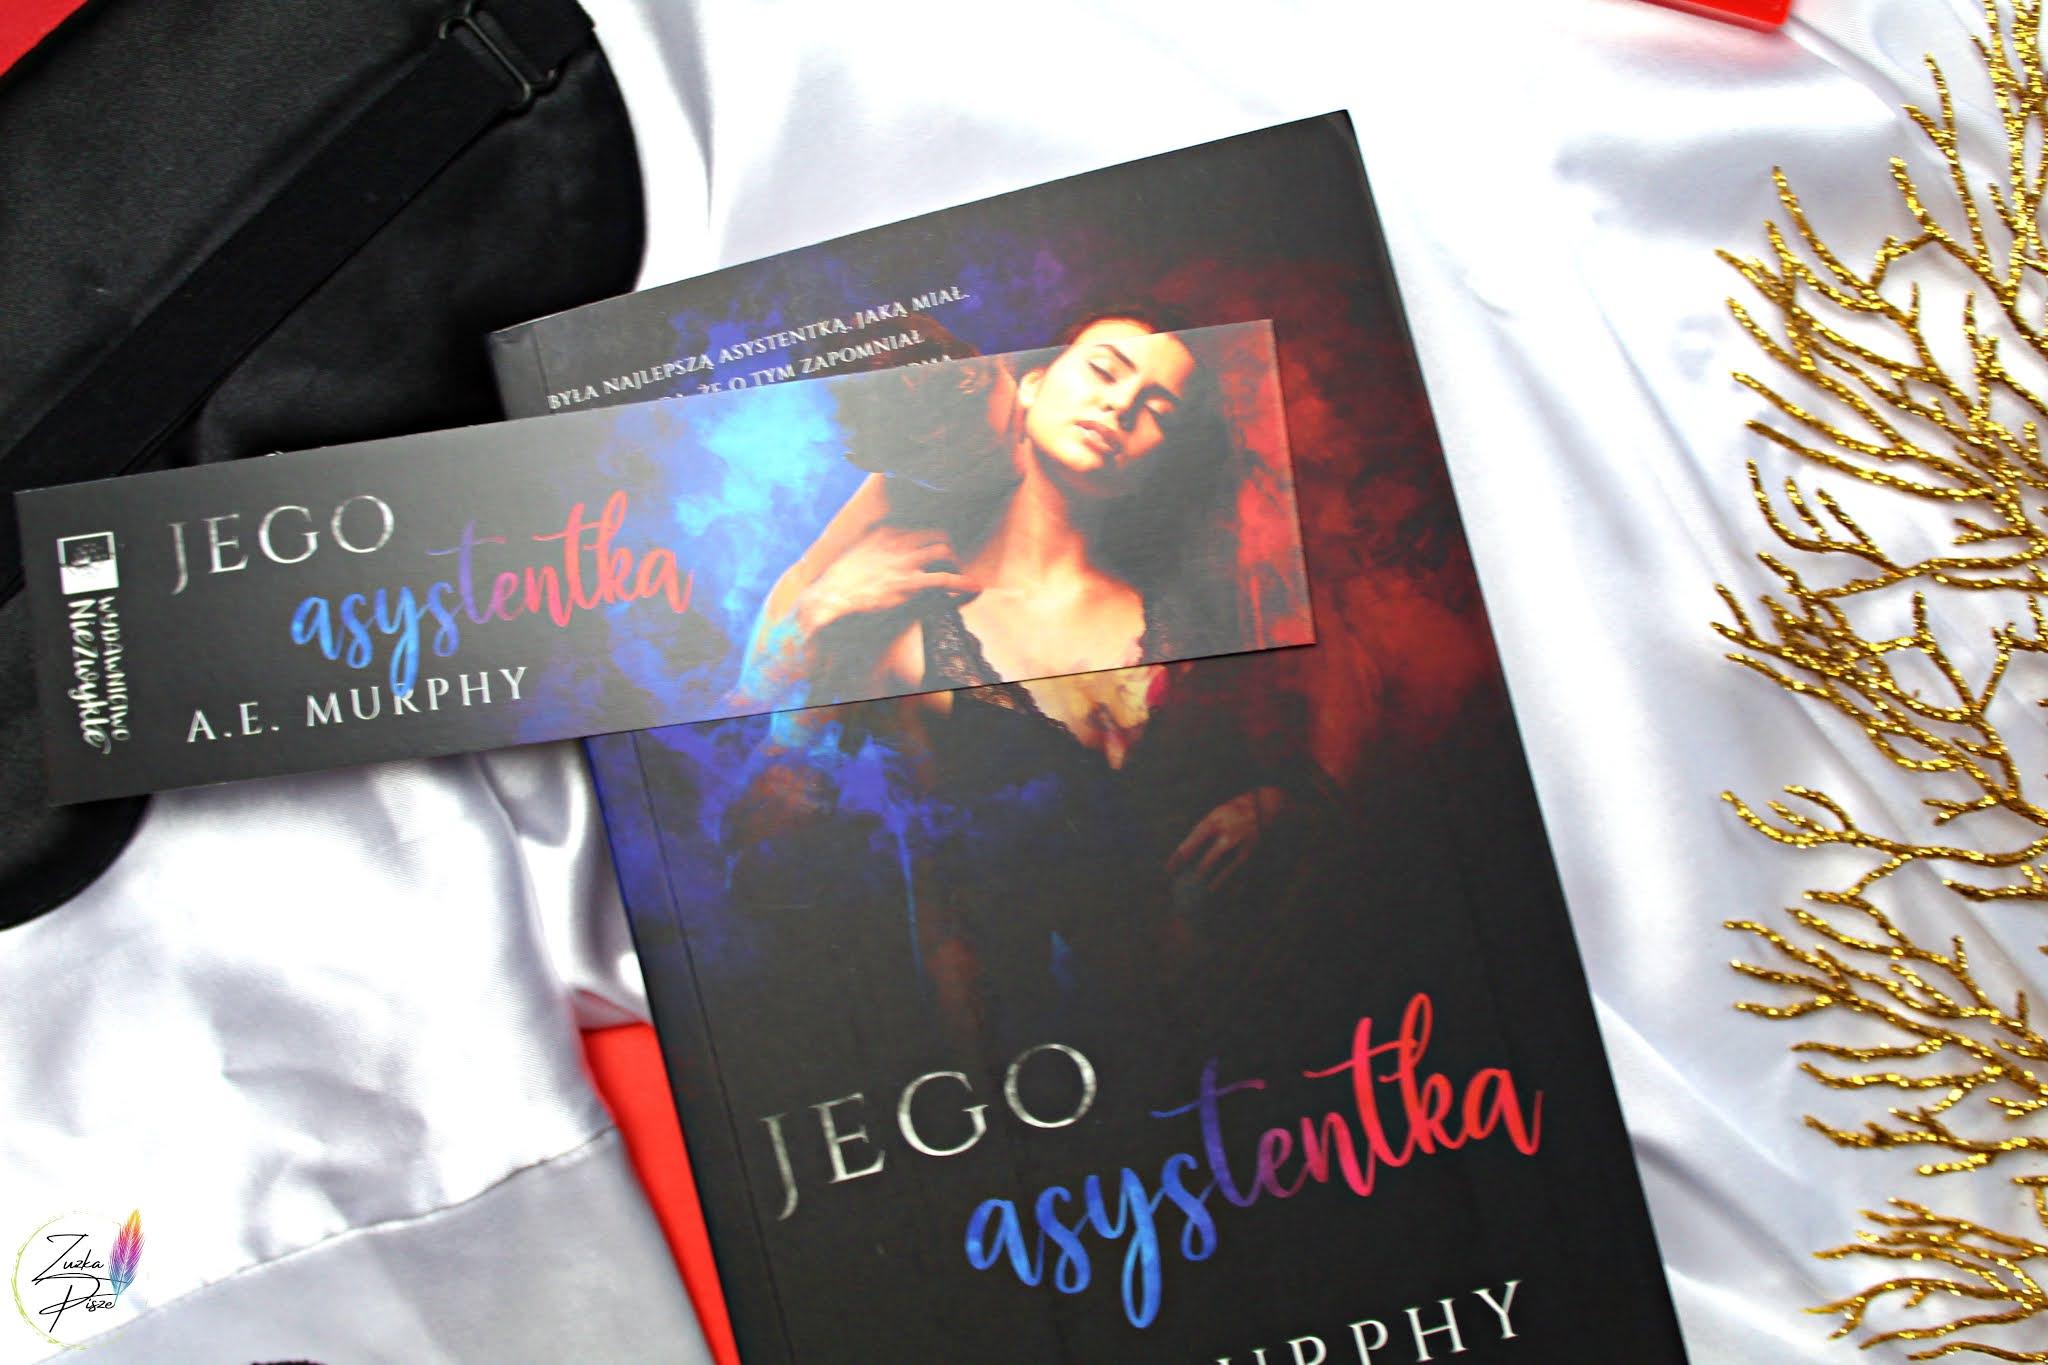 """A. E. Murphy """"Jego asystentka"""" - recenzja książki"""